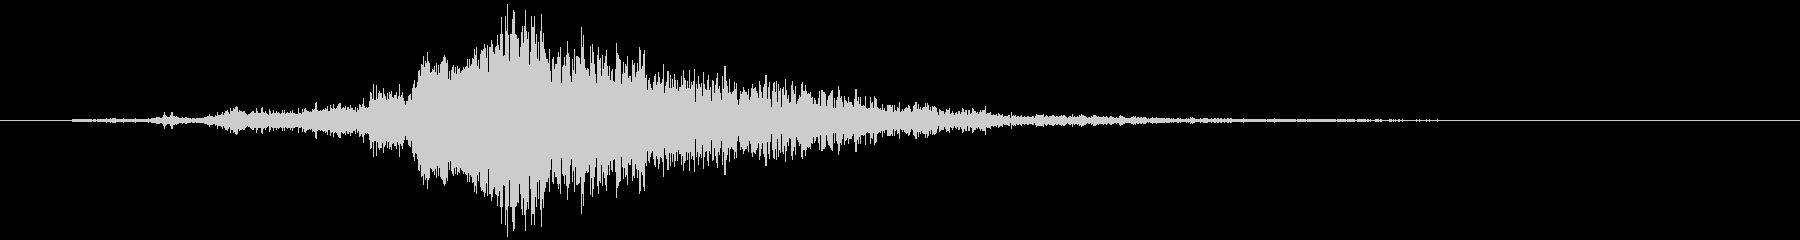 【映画】タイトルに合う効果音の未再生の波形